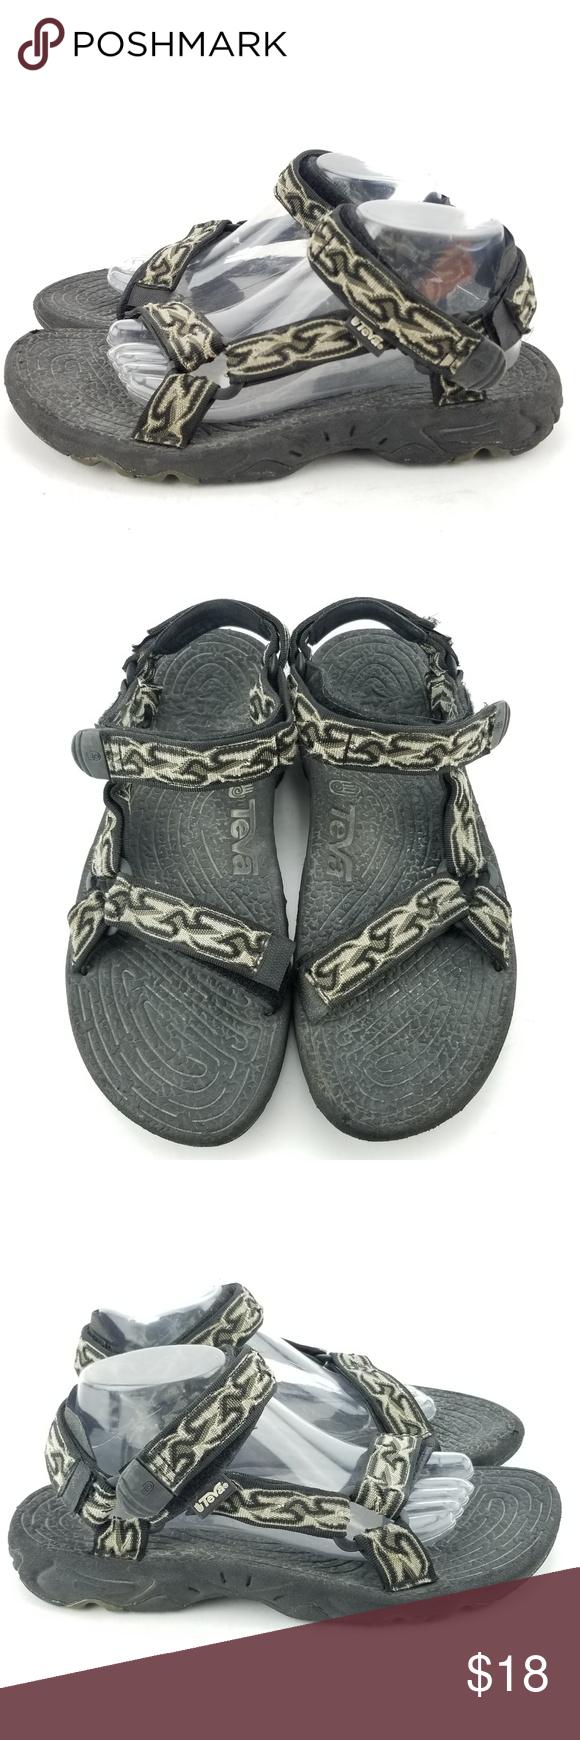 3f3c480655d Teva Terradactyl Water Sandals Men s Size 9 EJ32 Teva Terradactyl 6601  Water Sport Sandals Men s Size